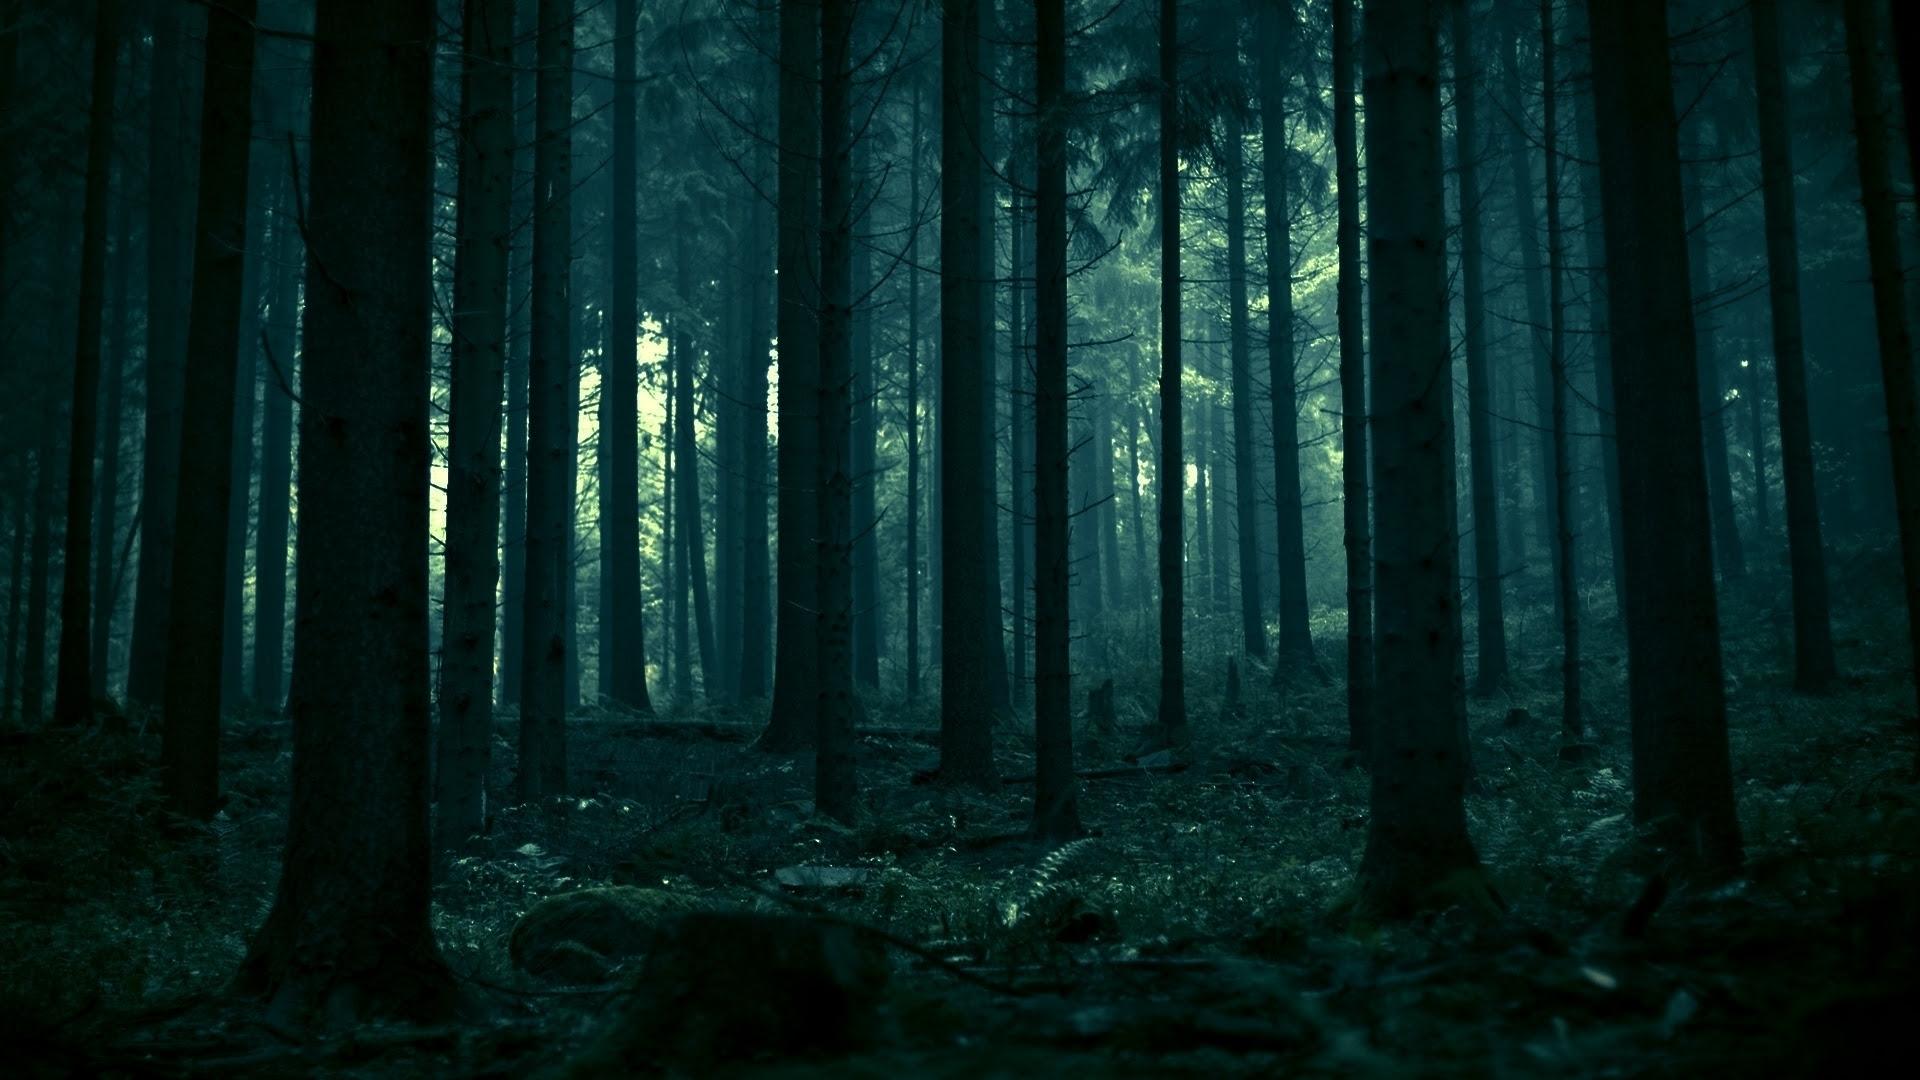 Výsledek obrázku pro forbidden forest tumblr